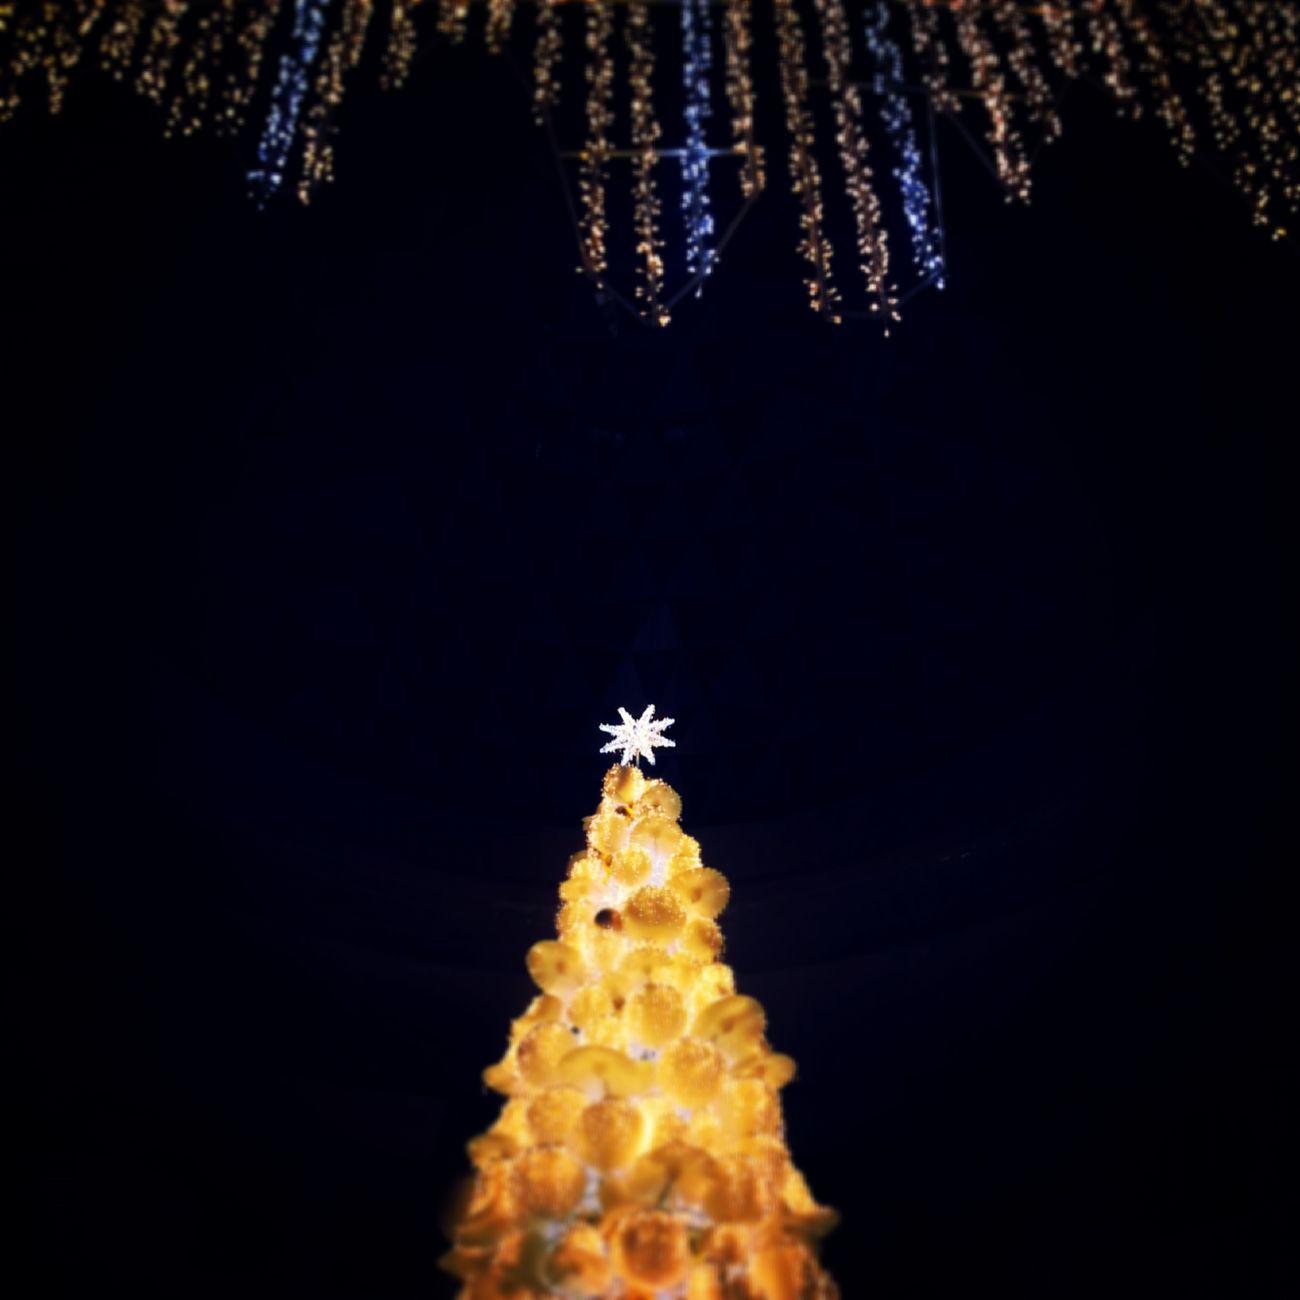 크리스마스 크리스마스트리 Christmas Tree 올해도 어느새 크리스마스가 다가오는구나